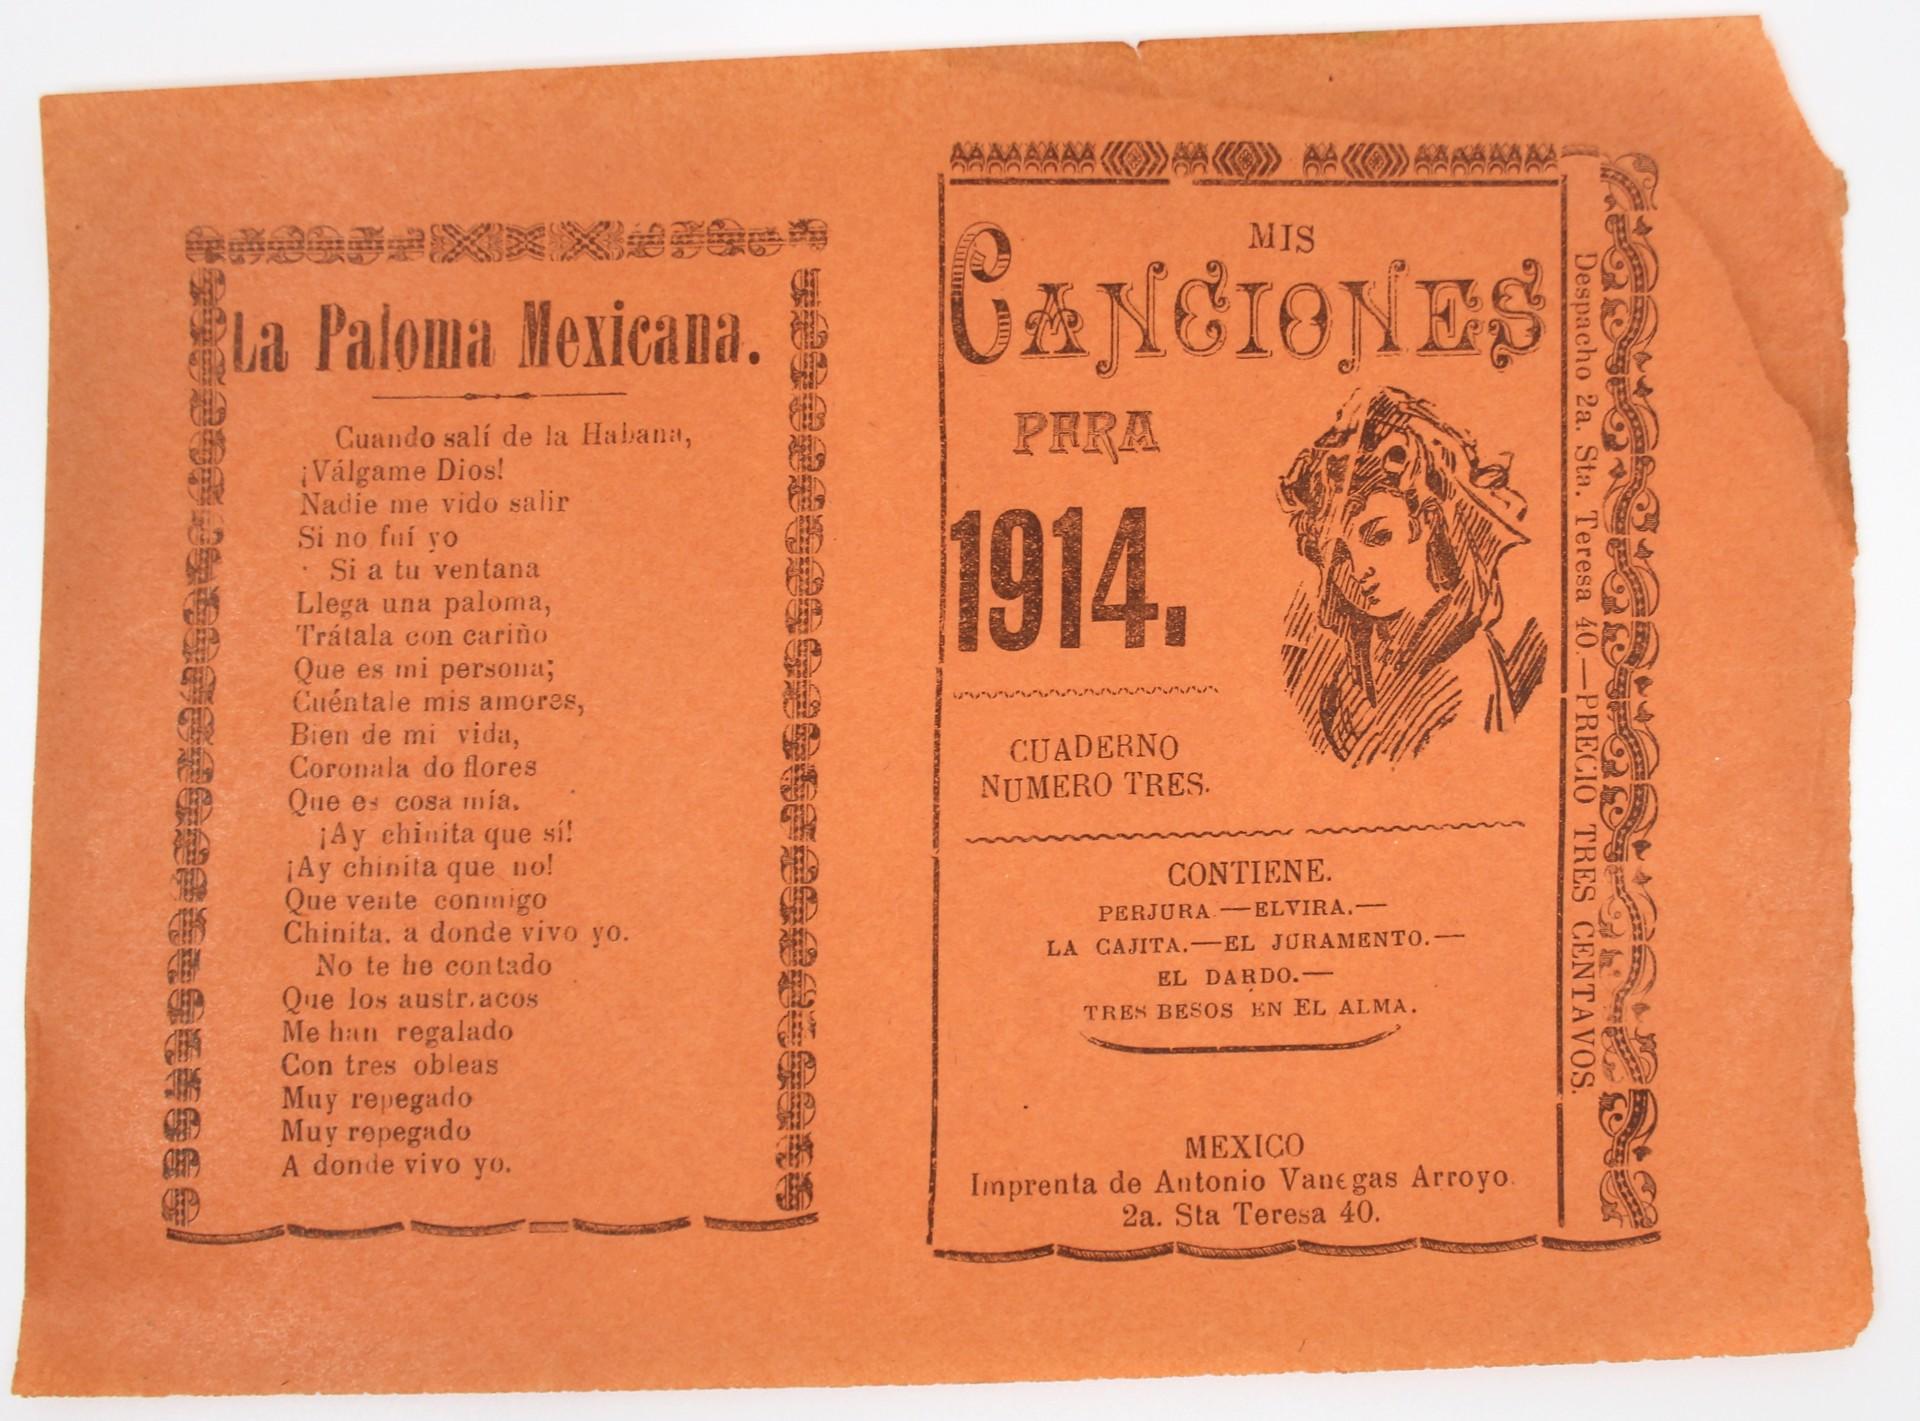 Mis Canciones Para 1914 by José Guadalupe Posada (1852 - 1913)